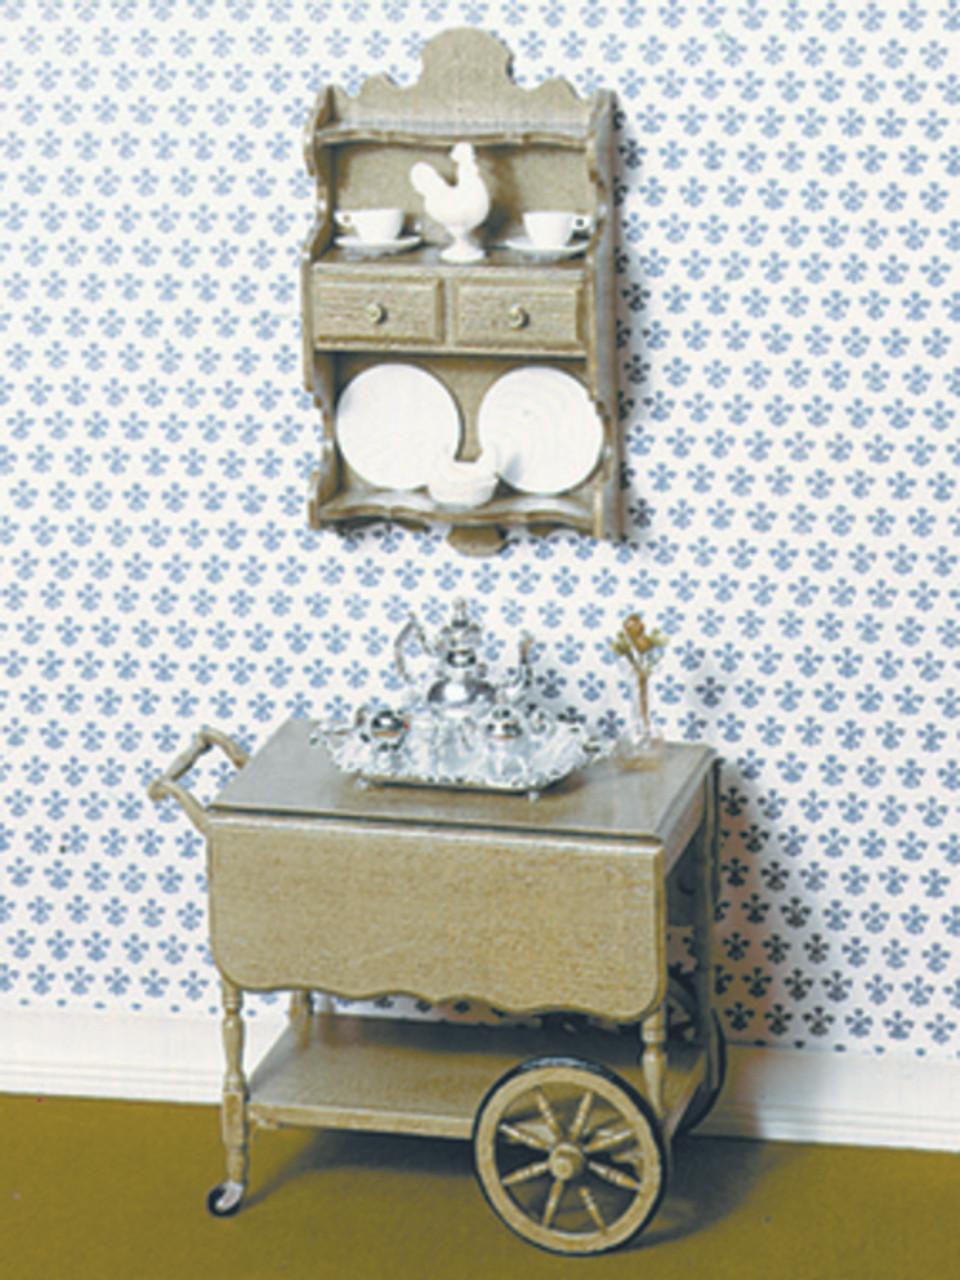 Teacart Kit